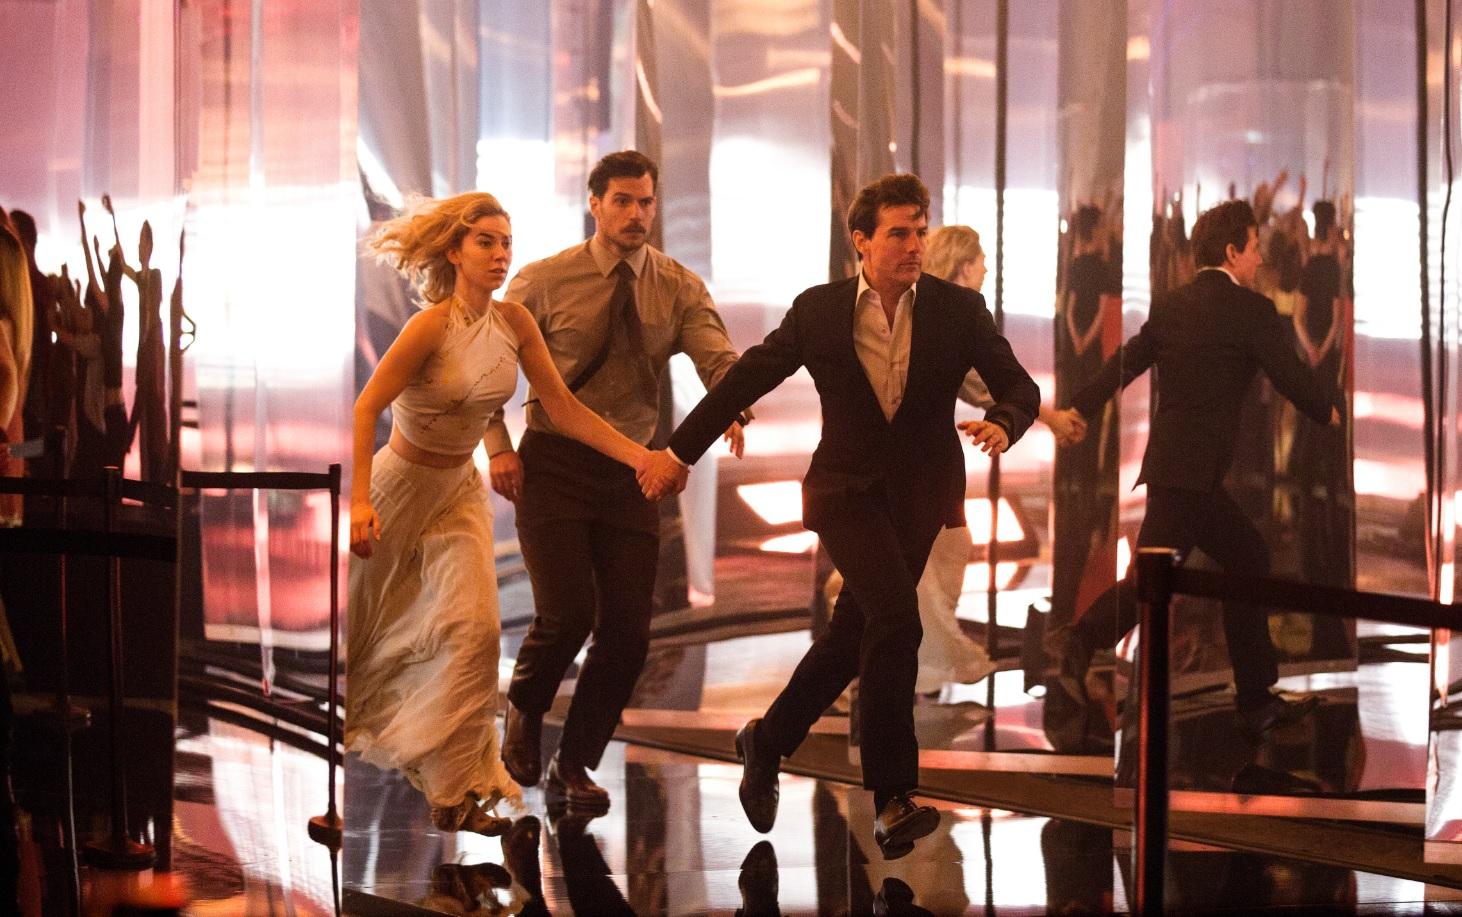 Tom Cruise corre riscos estapafúrdios e sem graça no novo 'Missão: Impossível'